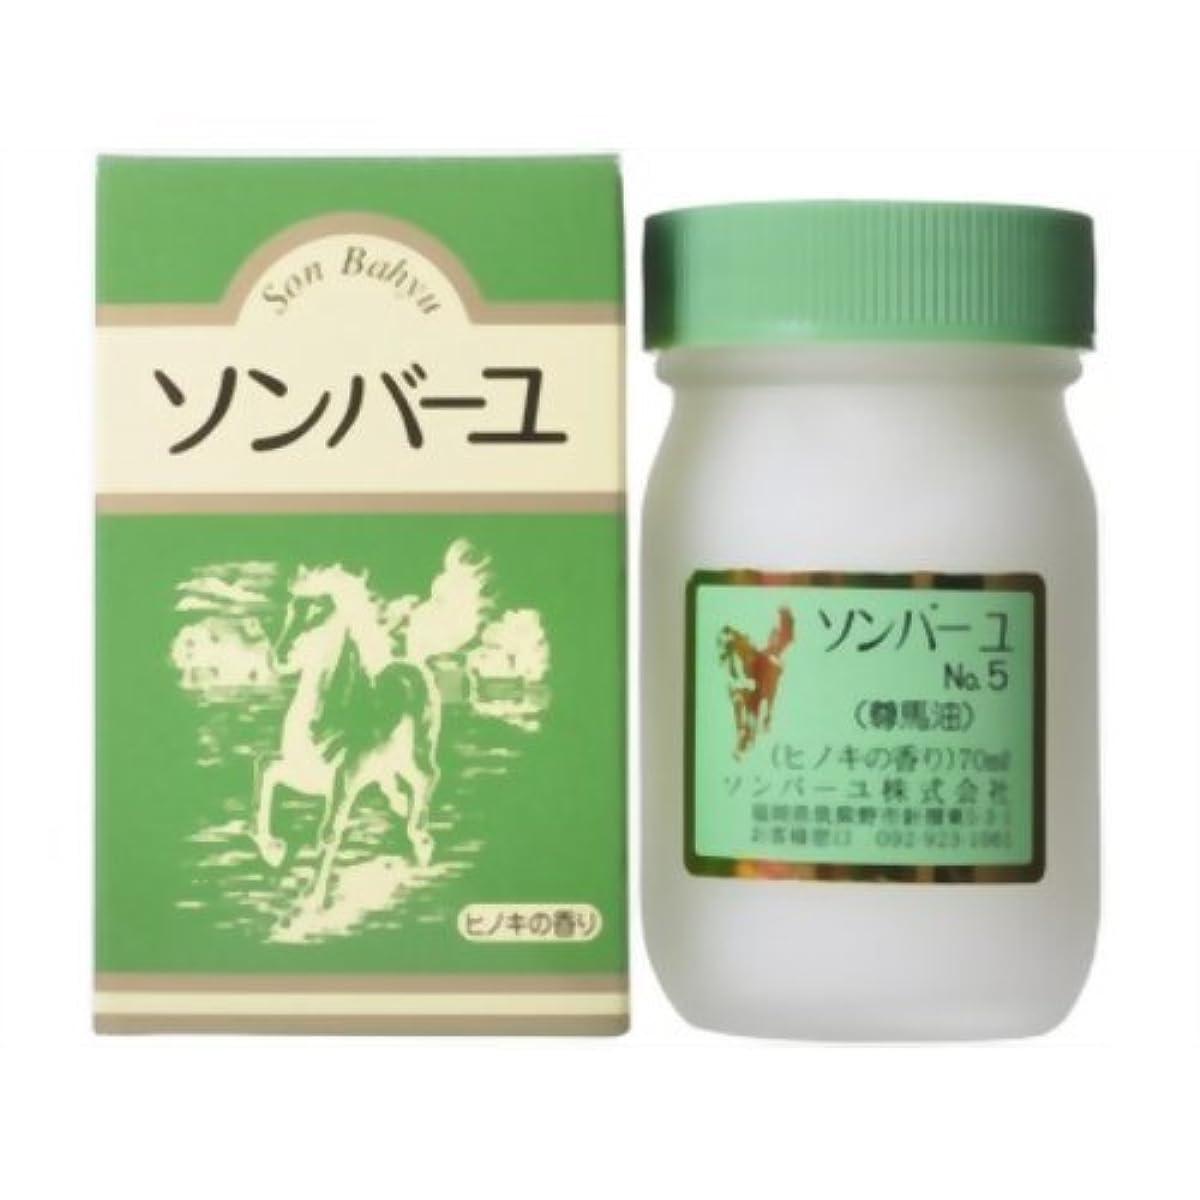 完璧なもっと西ソンバーユ ヒノキの香り 70ml